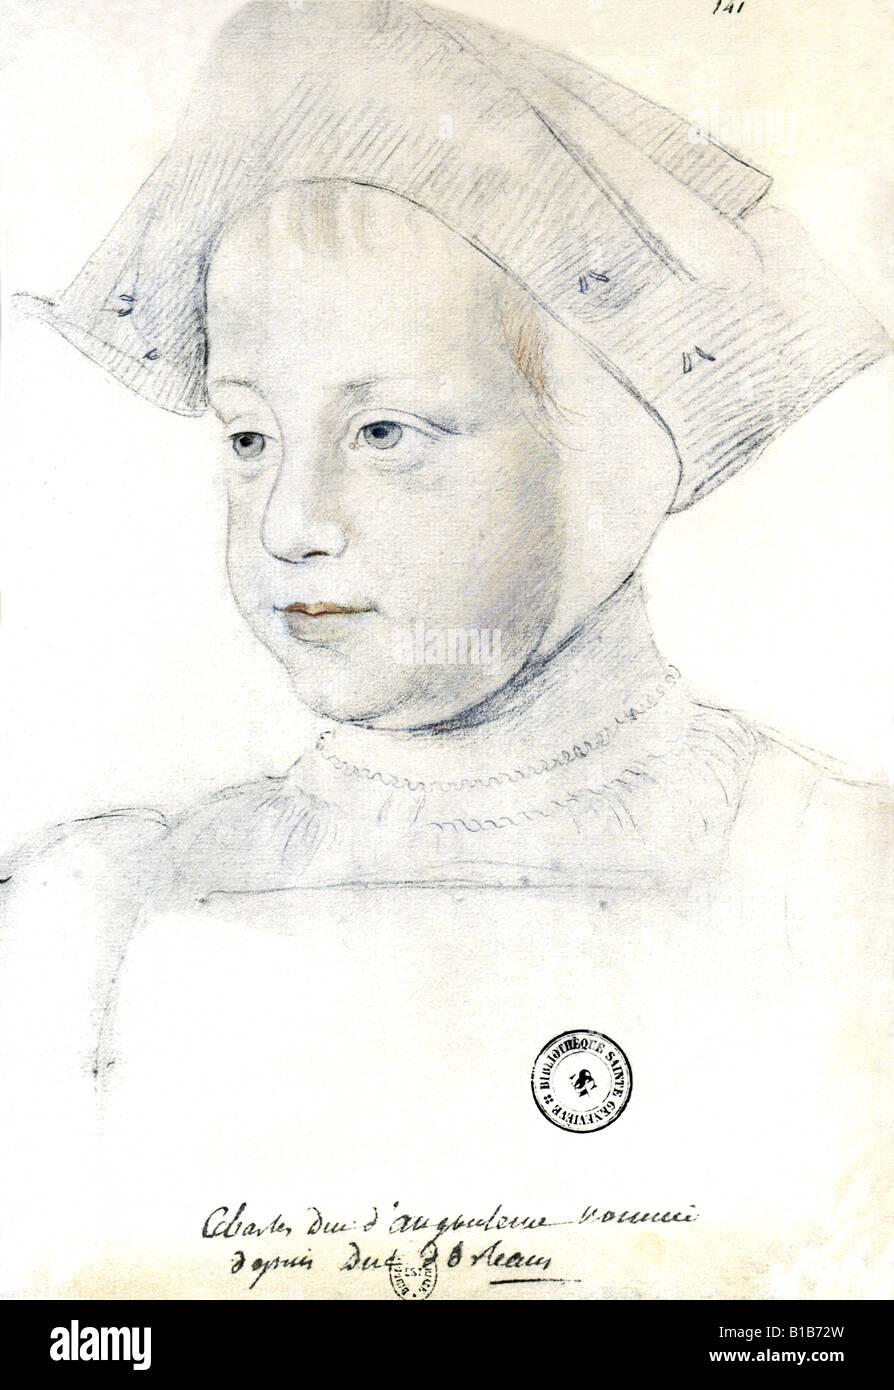 Charles, Duke of Orleans - Stock Image